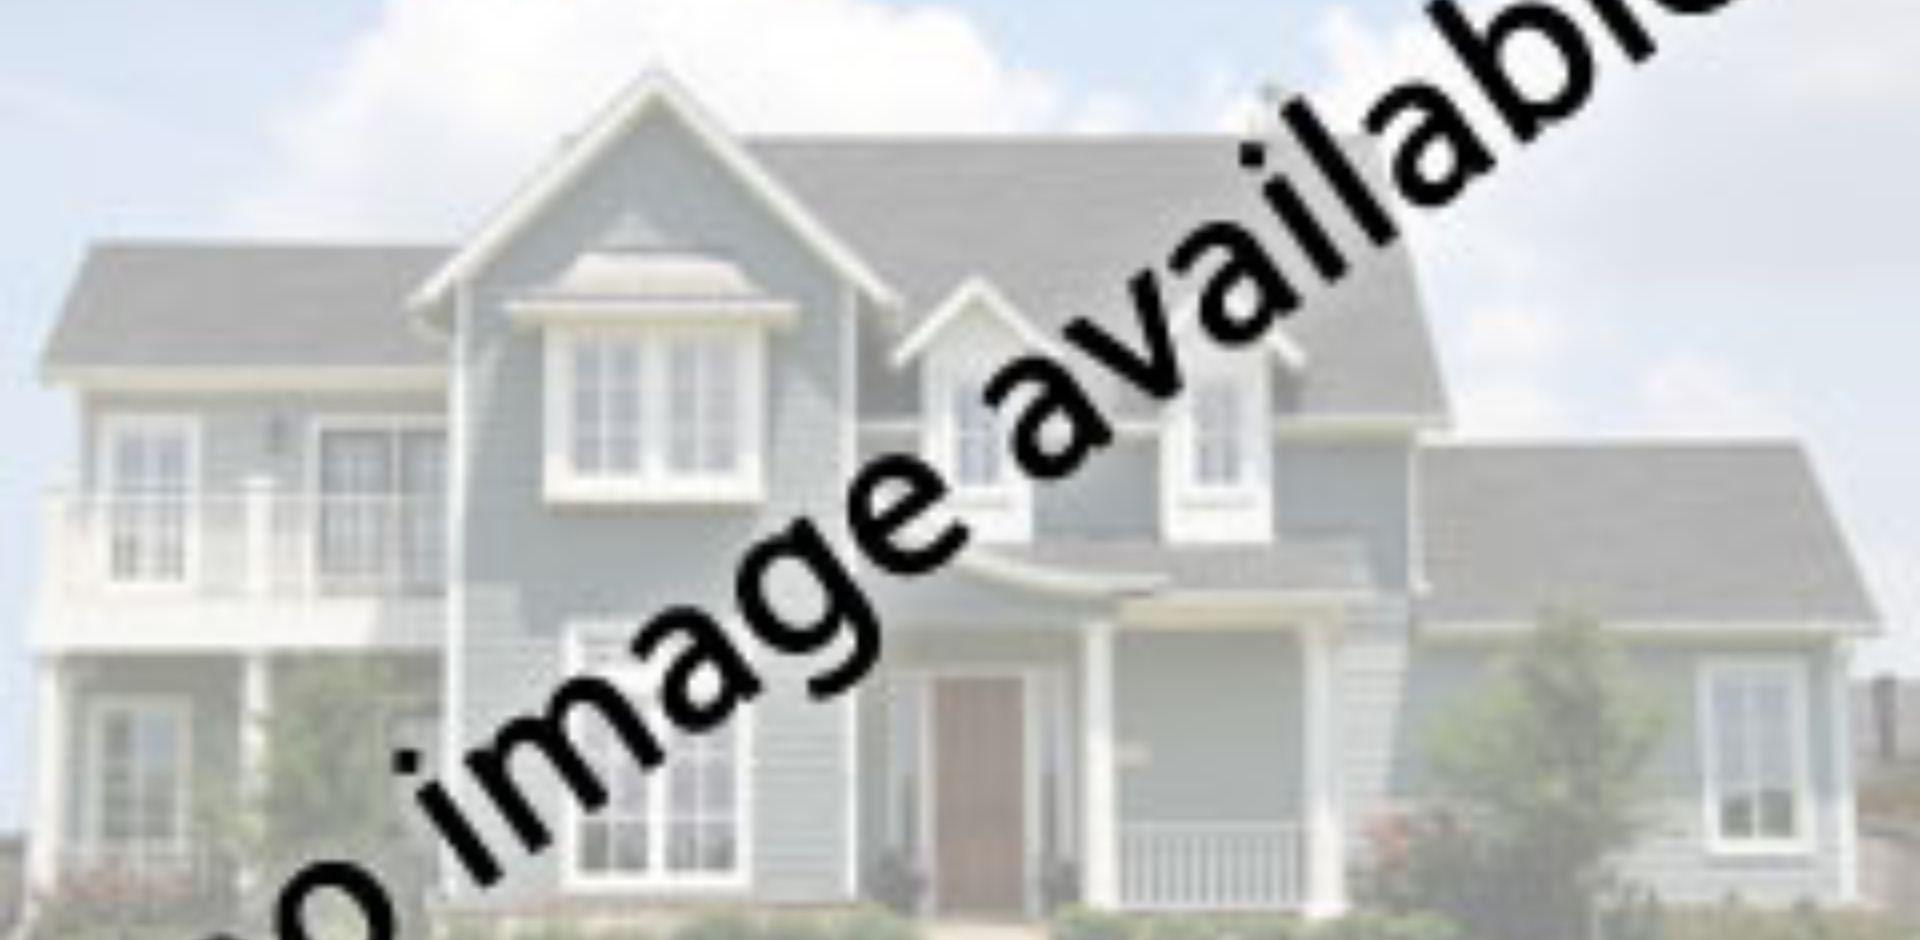 4241 Buena Vista Street #4 Dallas, TX 75205 - Image 2